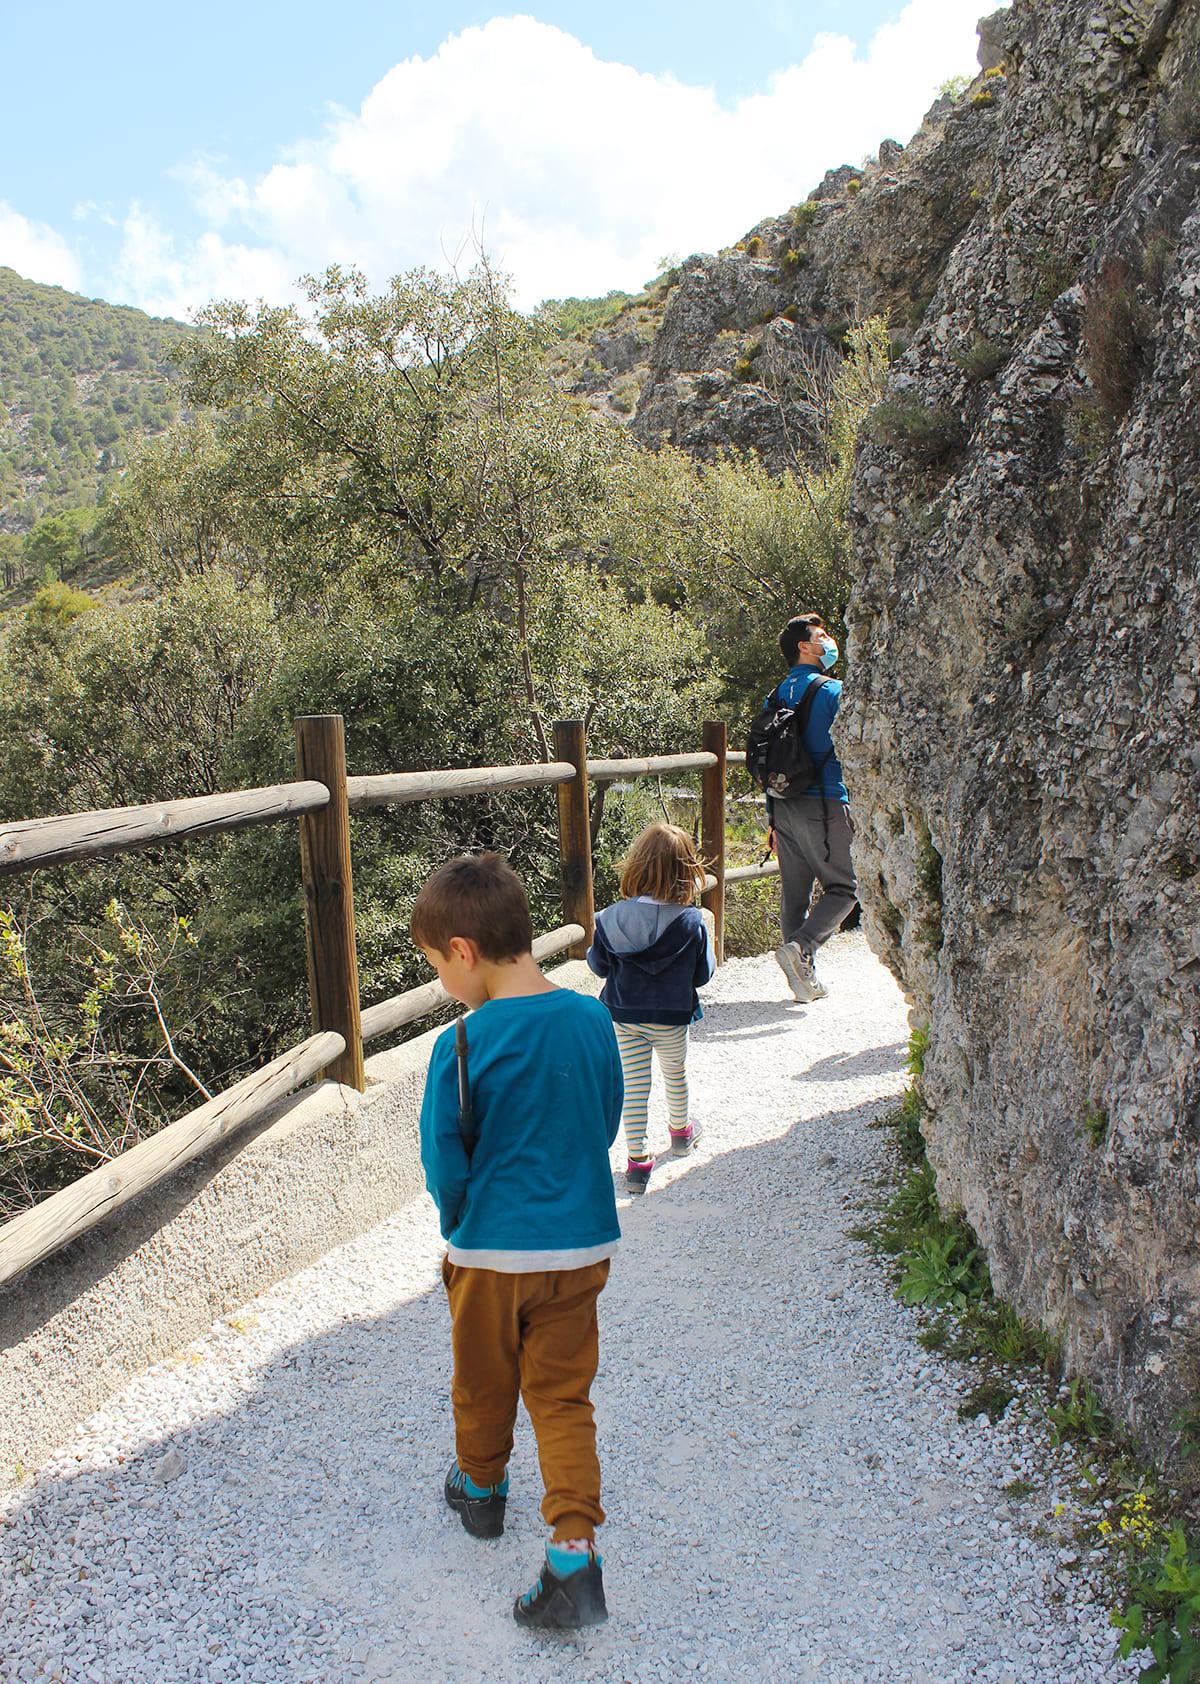 ruta senderismo accesible carritos bebe Granada